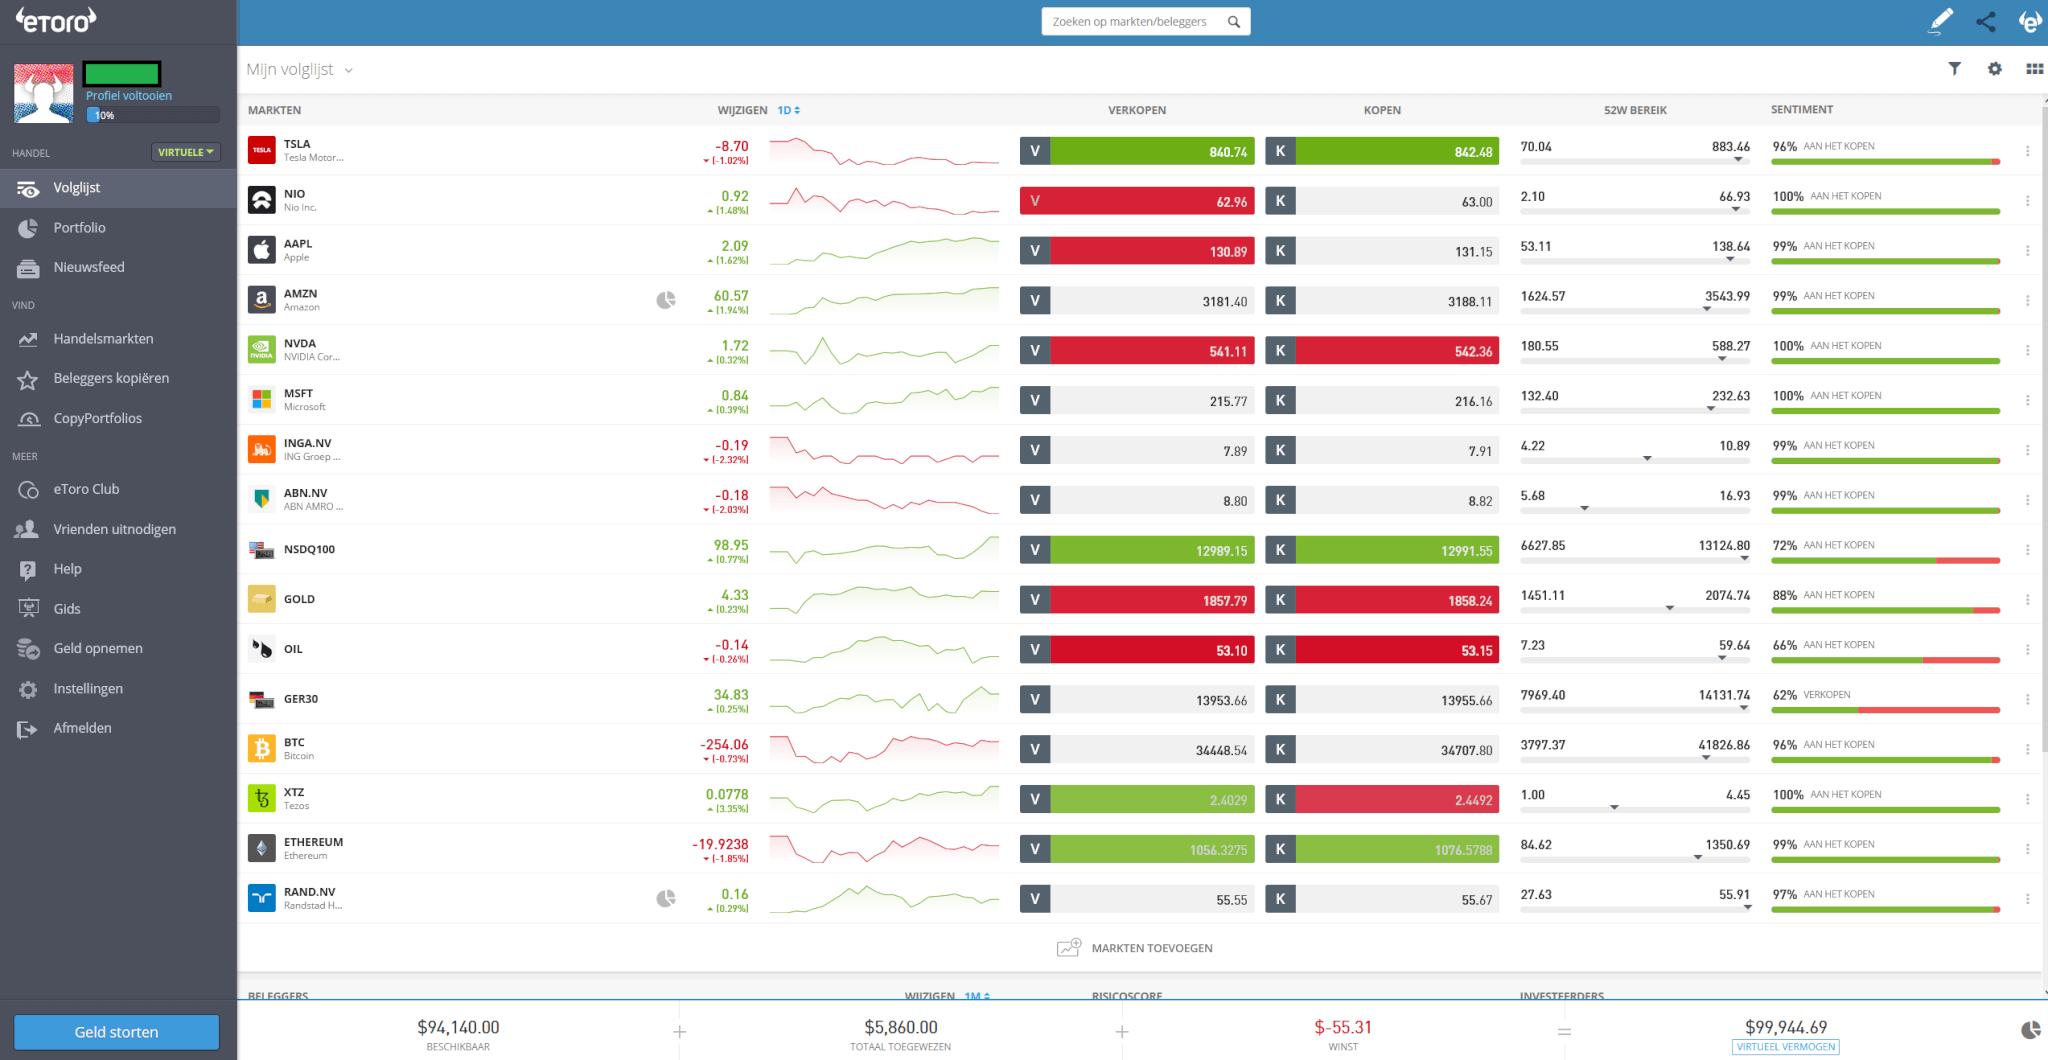 Aandeel Arcelormittal kopen etoro dashboard